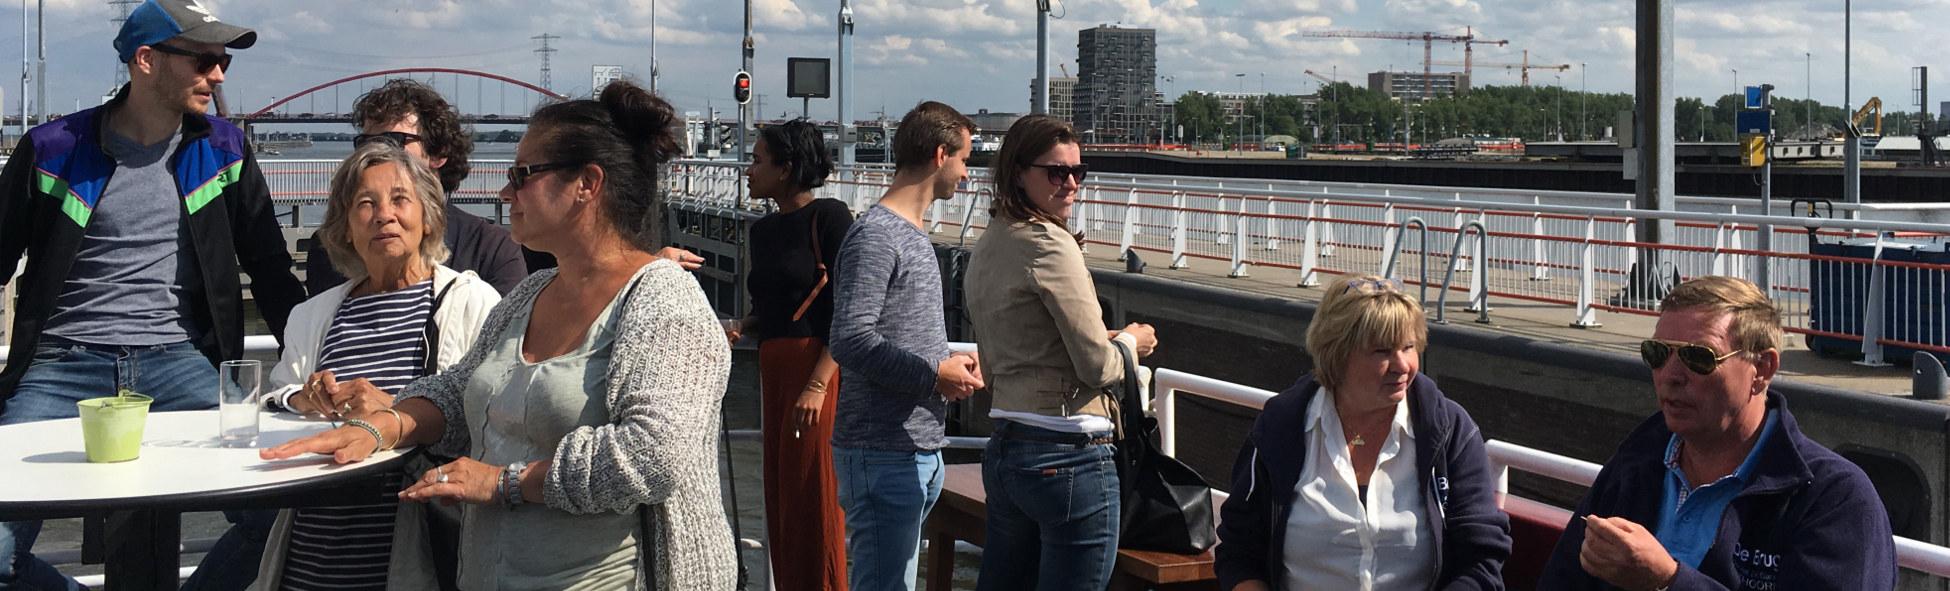 dagje uit herfsvakantie amsterdam ijmuiden met boot